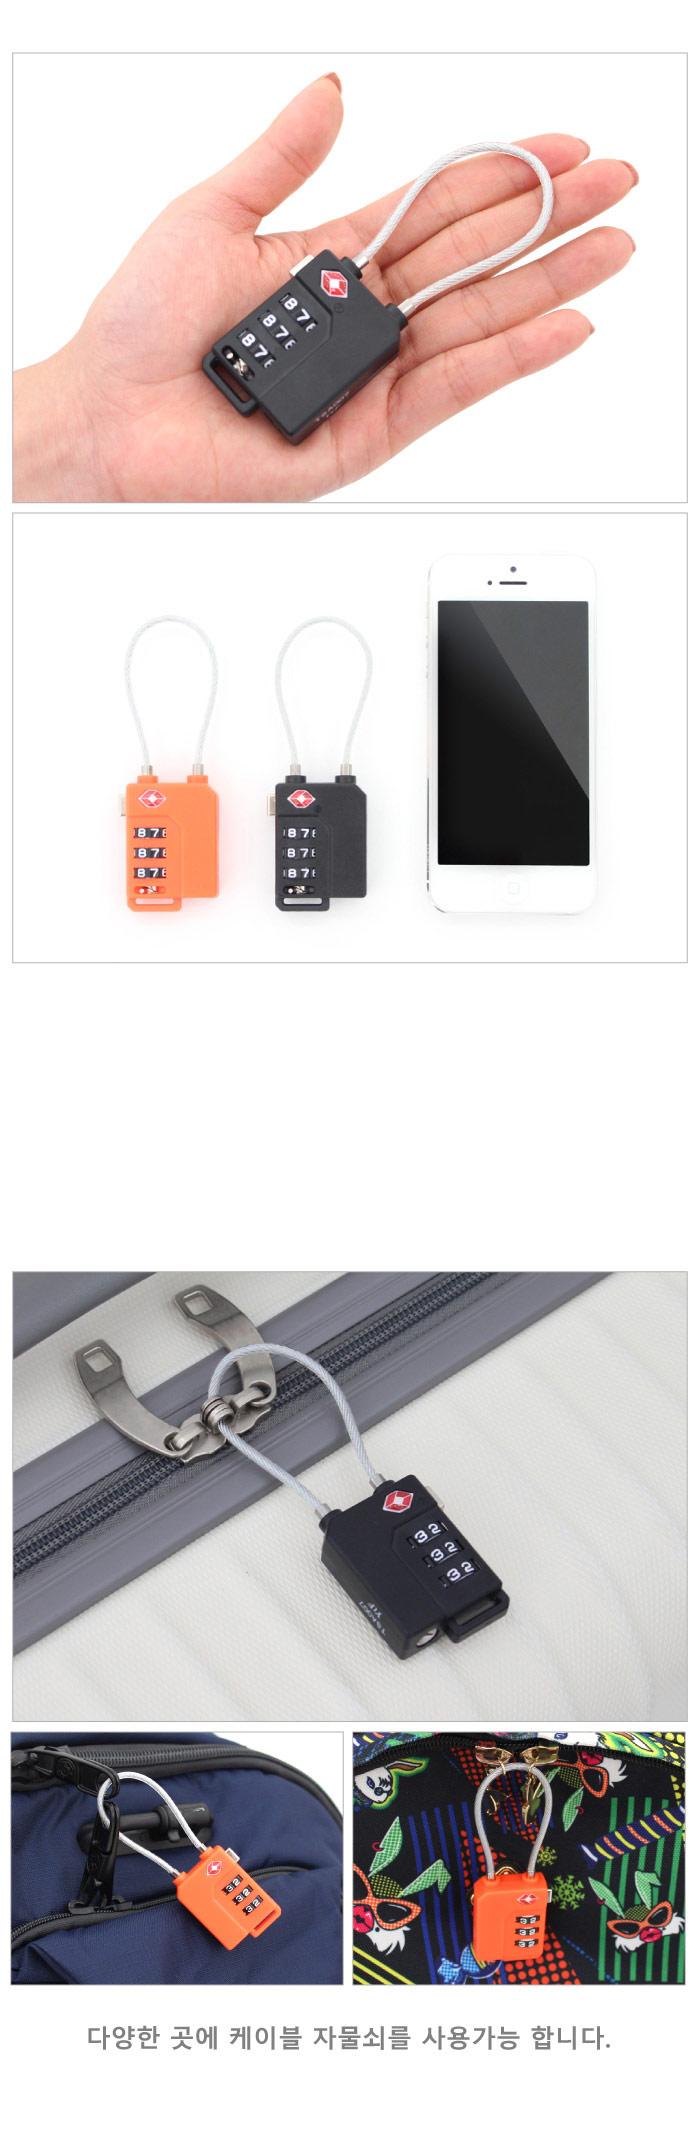 TSA 케이블 안전자물쇠 - 3다이얼9,800원-티큐브여행/레포츠, 캐리어, 보호용품, 자물쇠바보사랑TSA 케이블 안전자물쇠 - 3다이얼9,800원-티큐브여행/레포츠, 캐리어, 보호용품, 자물쇠바보사랑